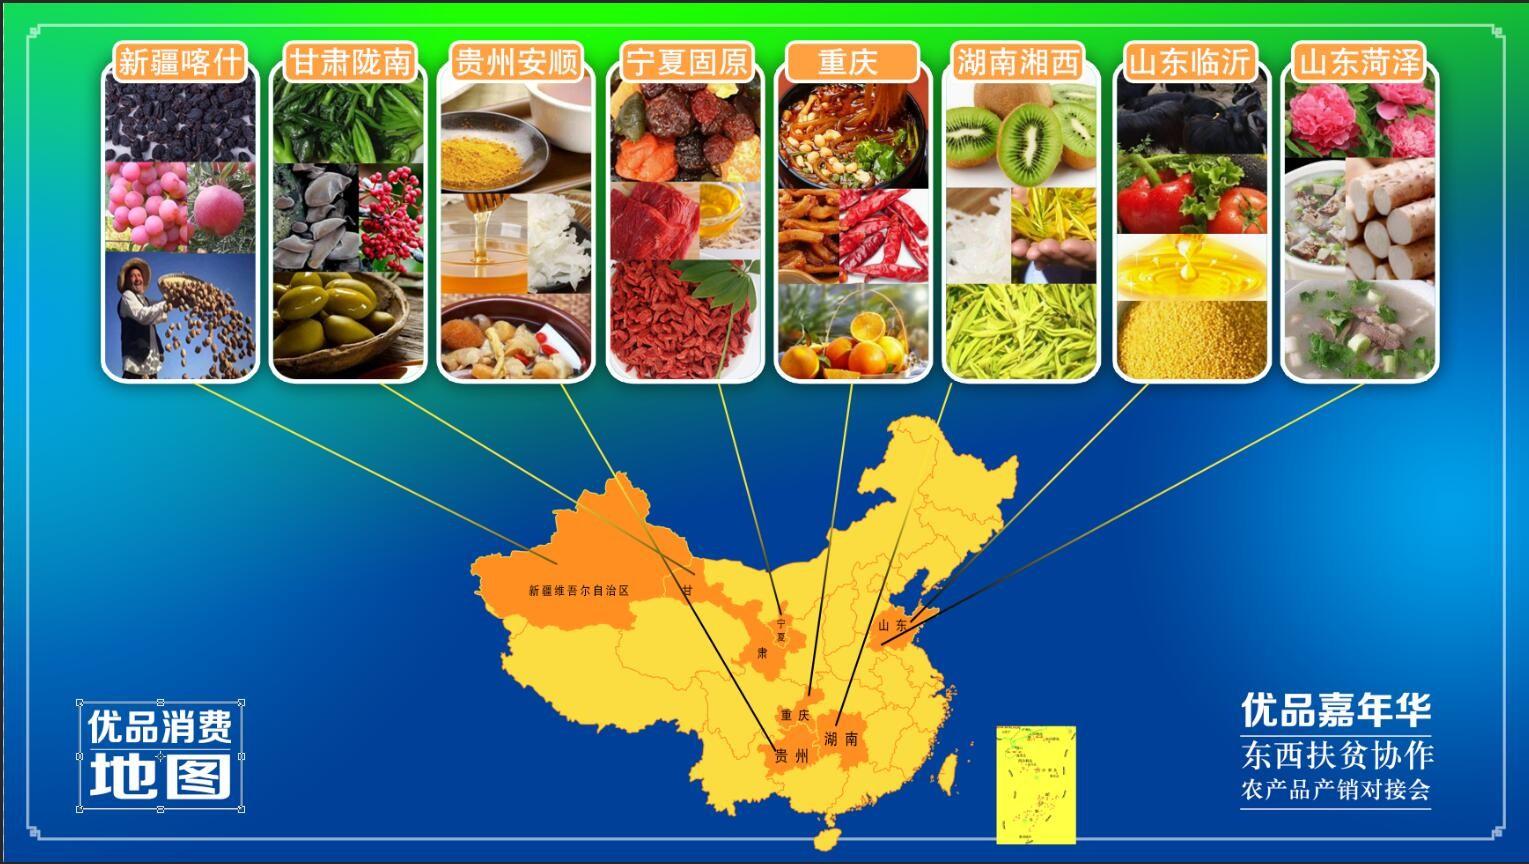 优品嘉年华——东西扶贫协作农产品产销对接会媒体吹风会在济南举行